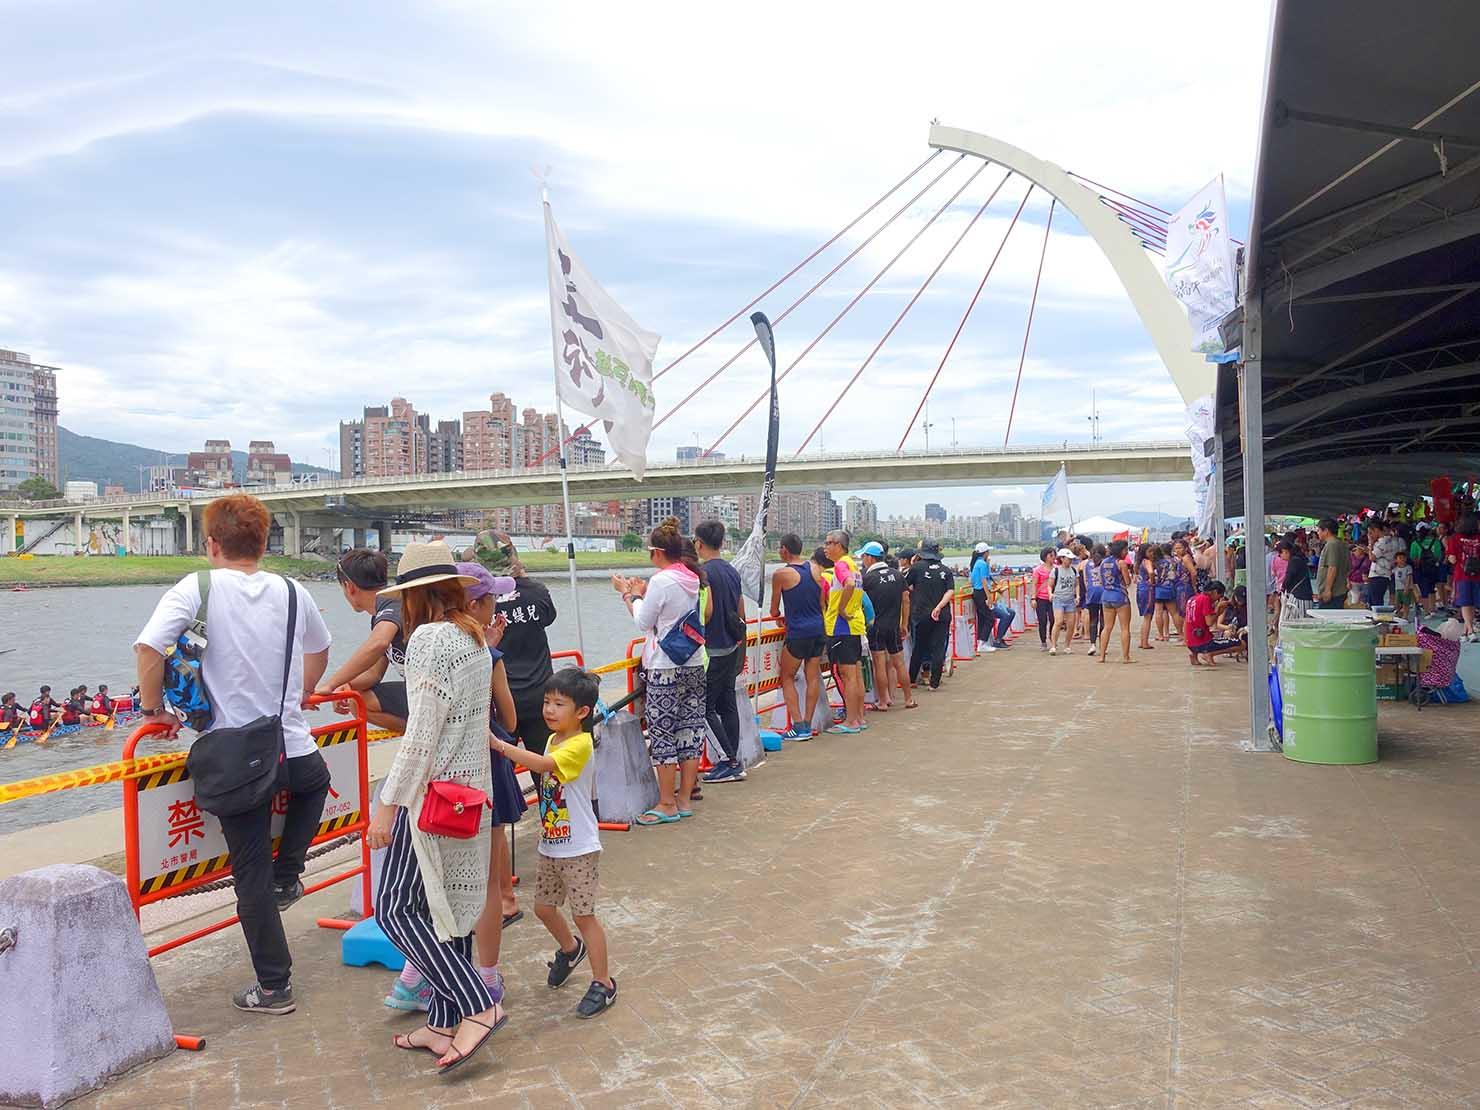 端午節の台北で行われた「龍舟競賽(ドラゴンボートレース)」会場となった大佳河濱公園